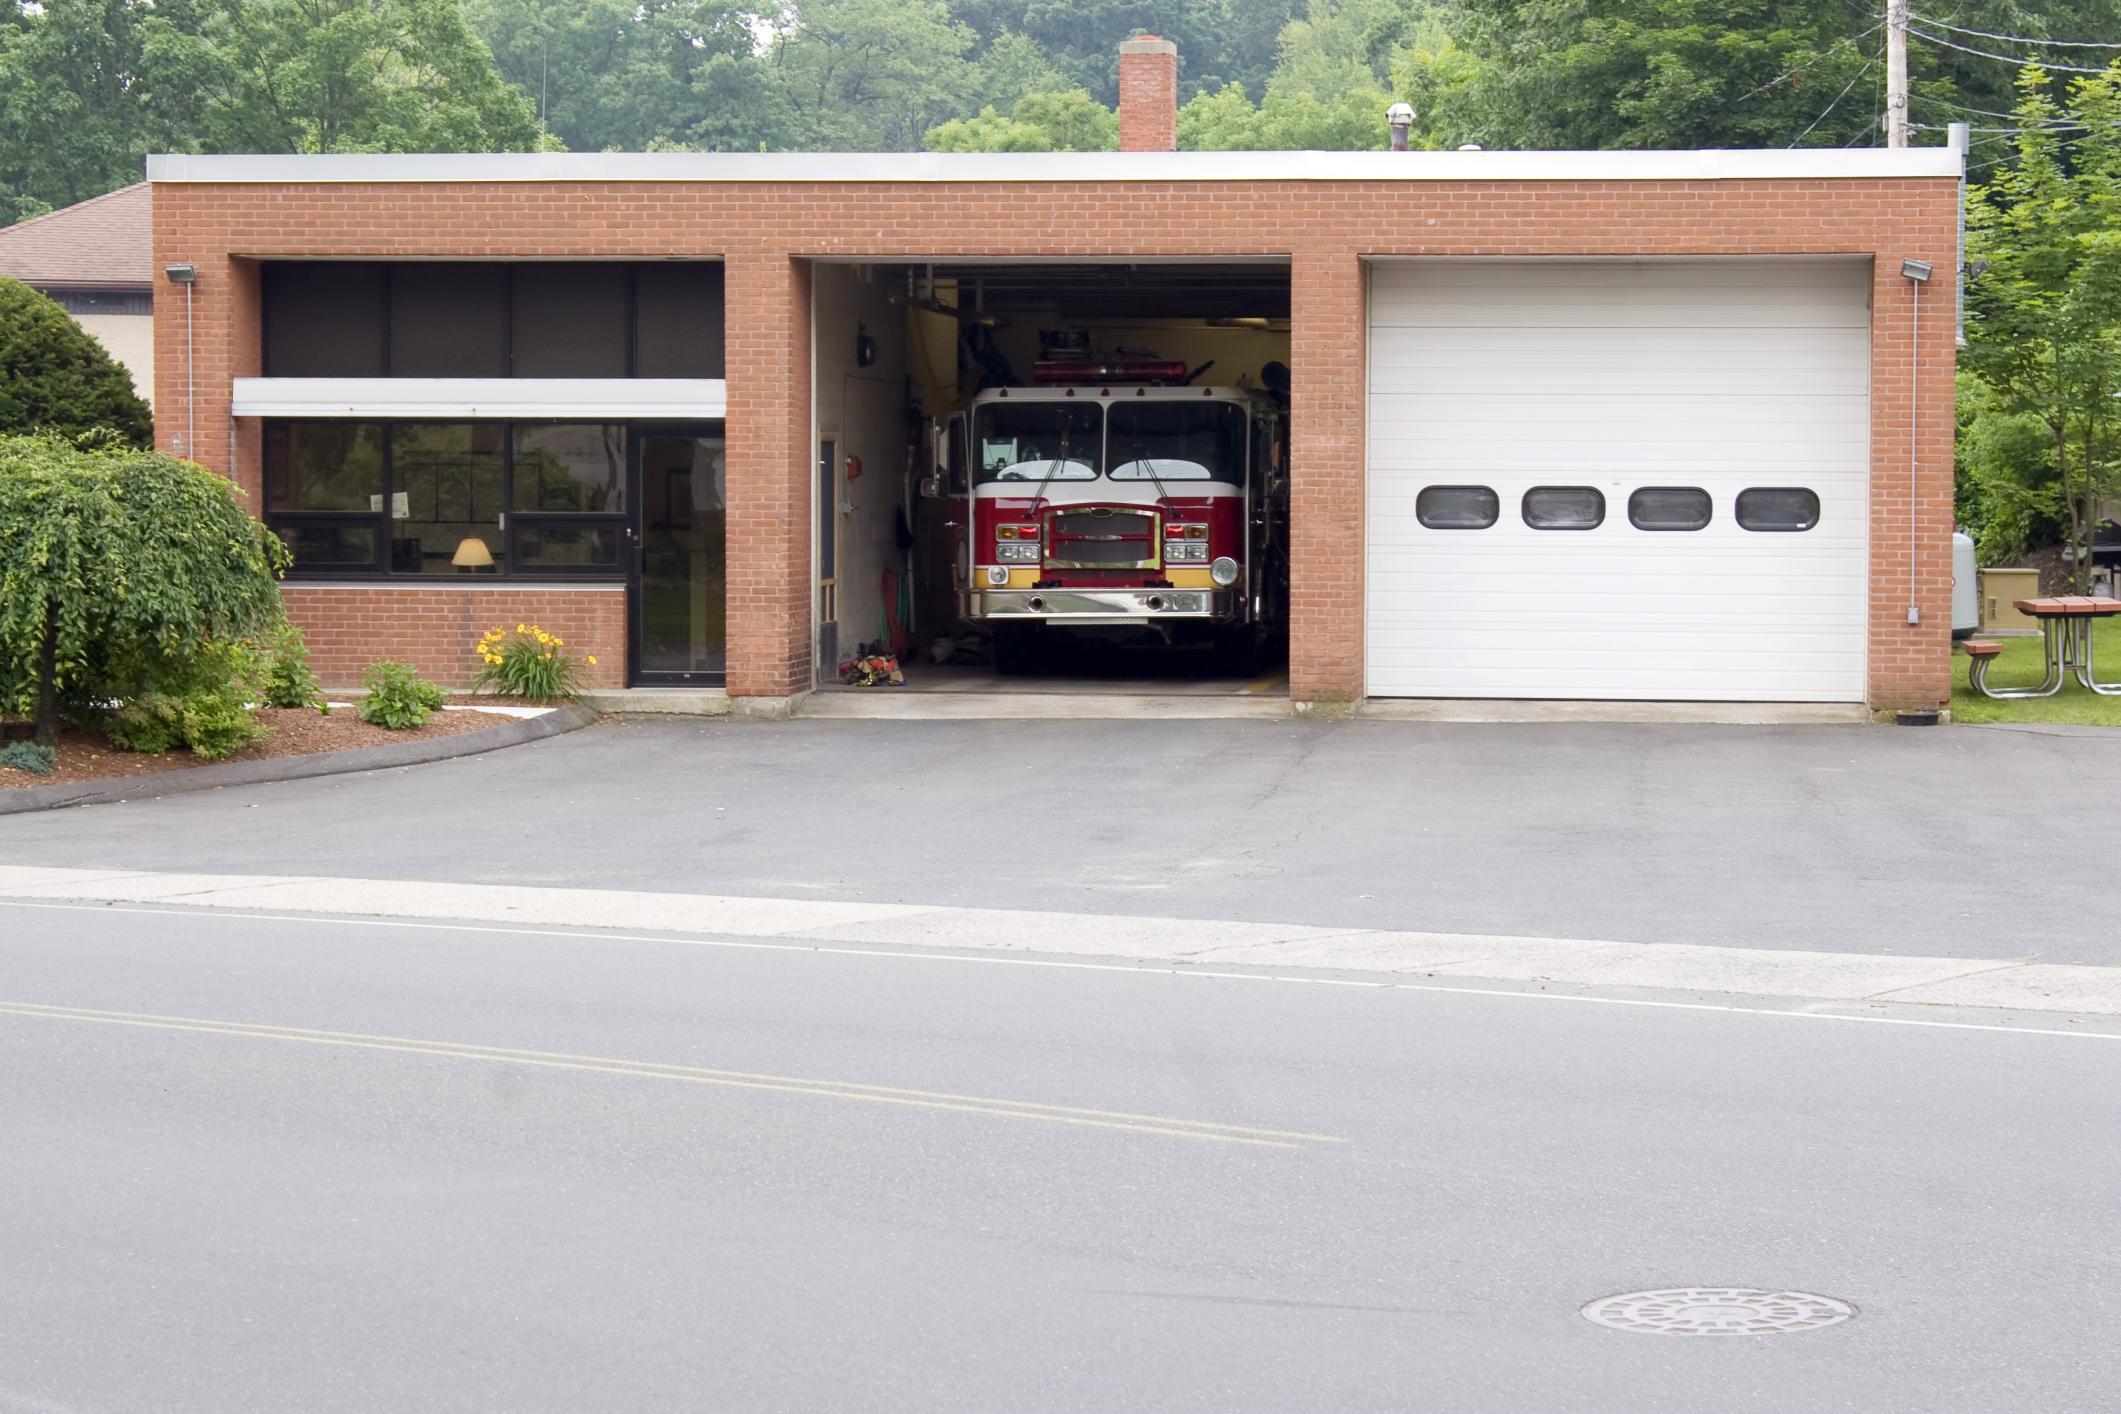 Irving Garage Door Repair - Commercial Garage Door Repair and Installation 1